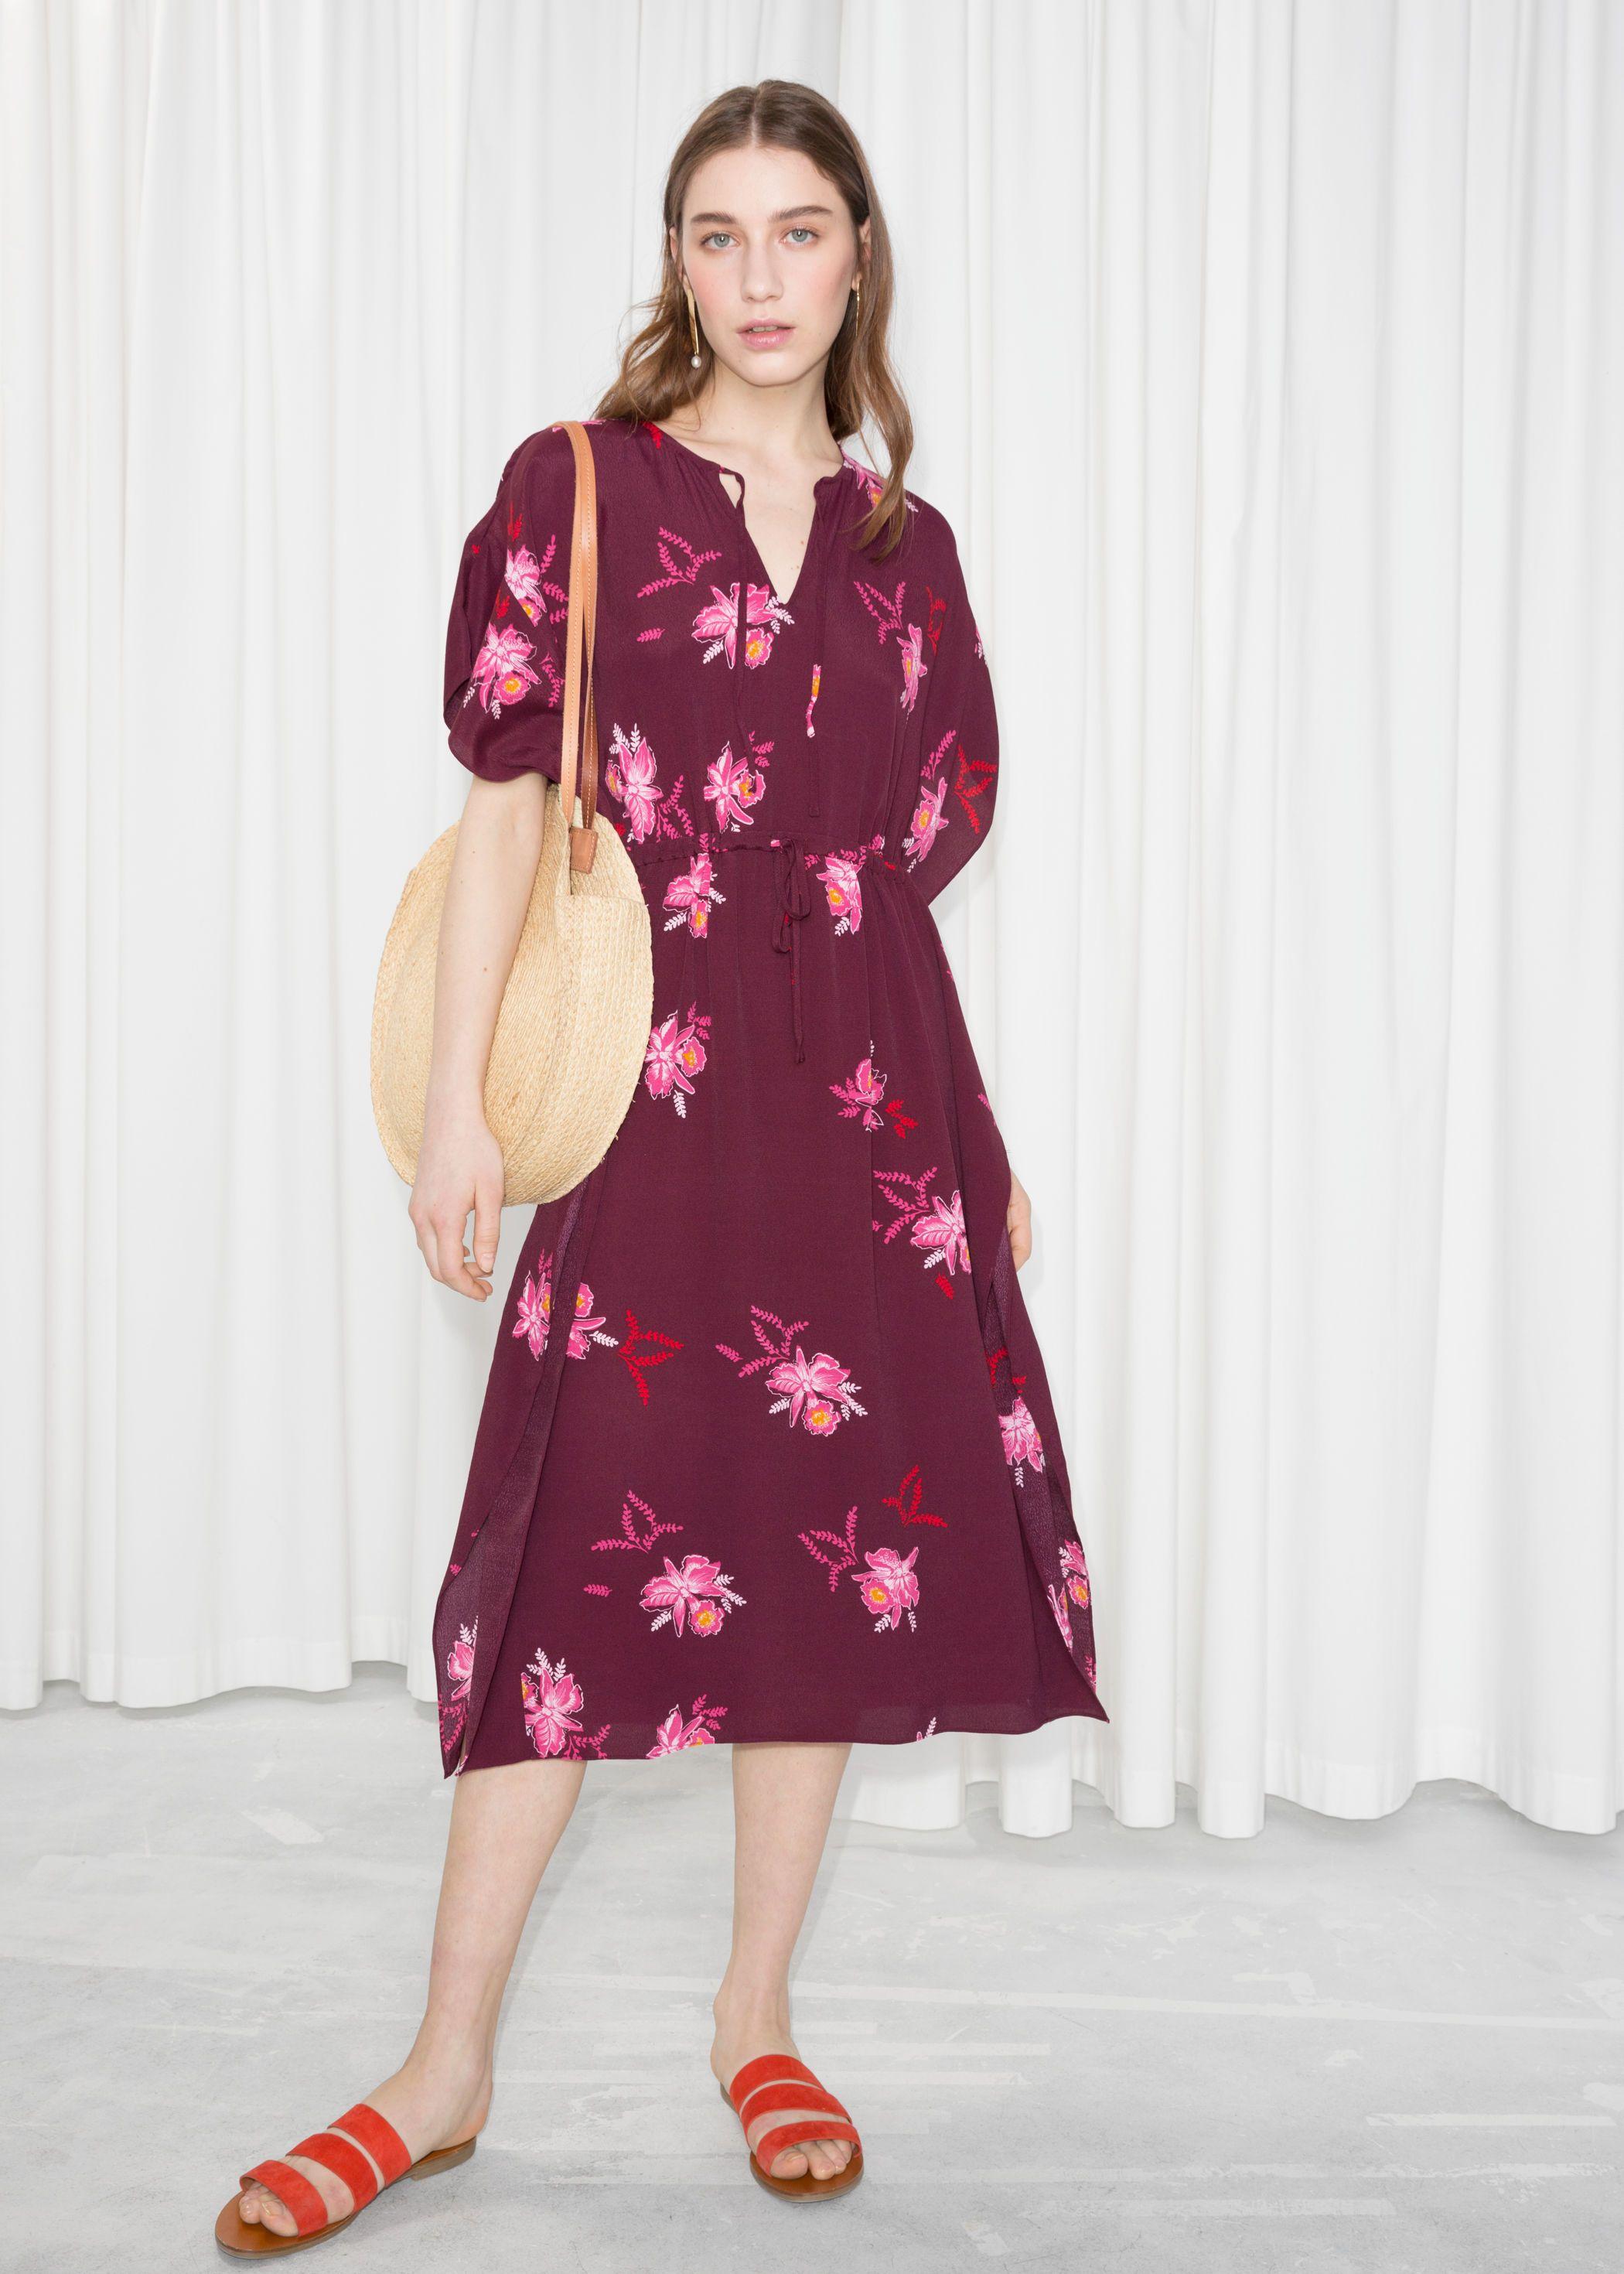 Printed Midi Kaftan Dress Dresses Kaftan Dress Clothes For Women [ 2940 x 2100 Pixel ]